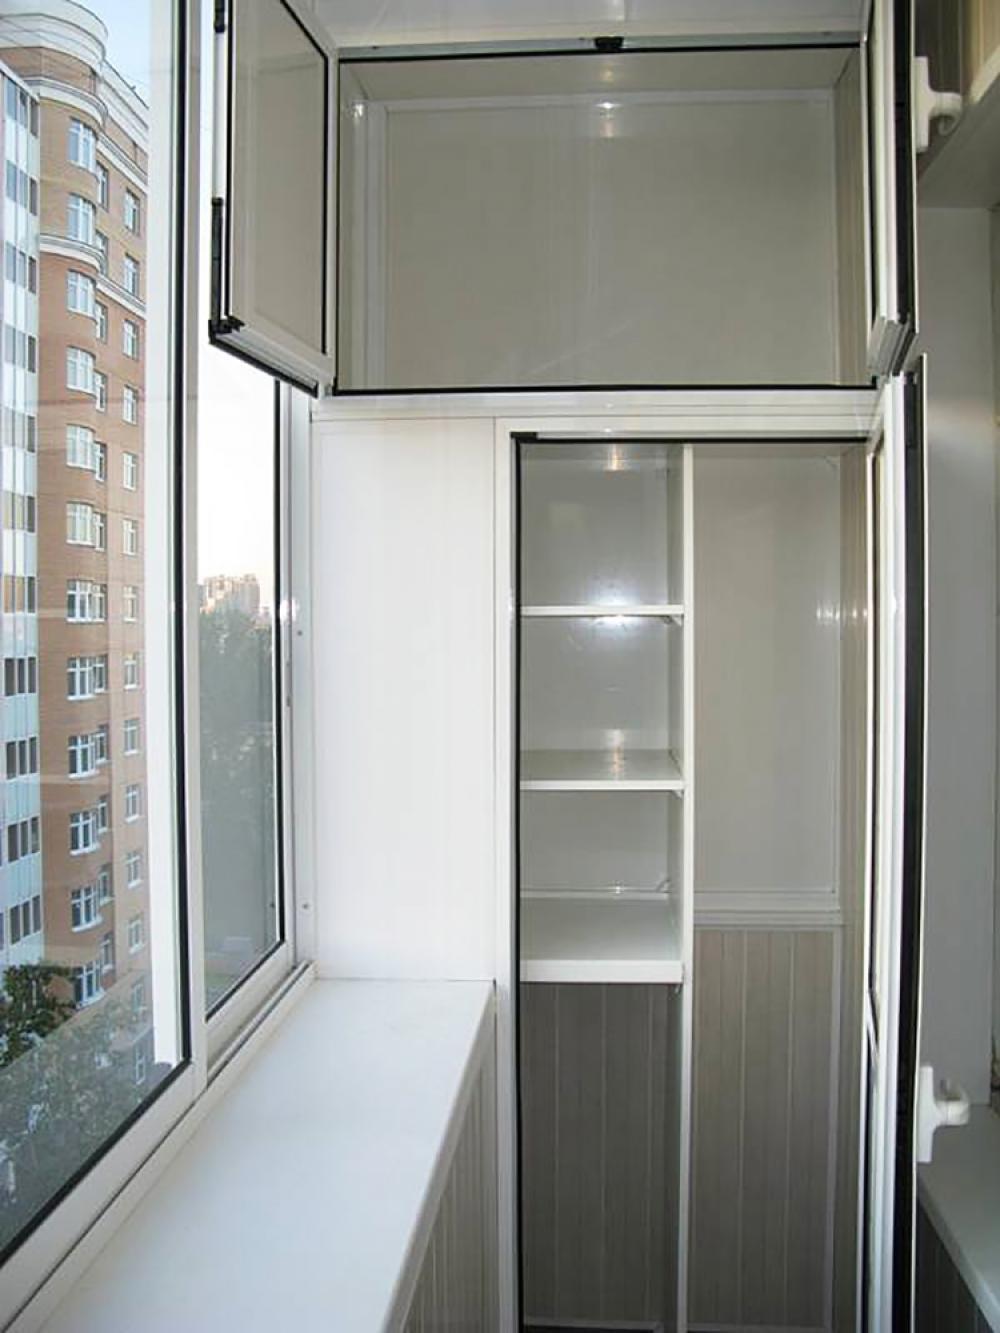 Пластиковые шкафы на балкон фото.